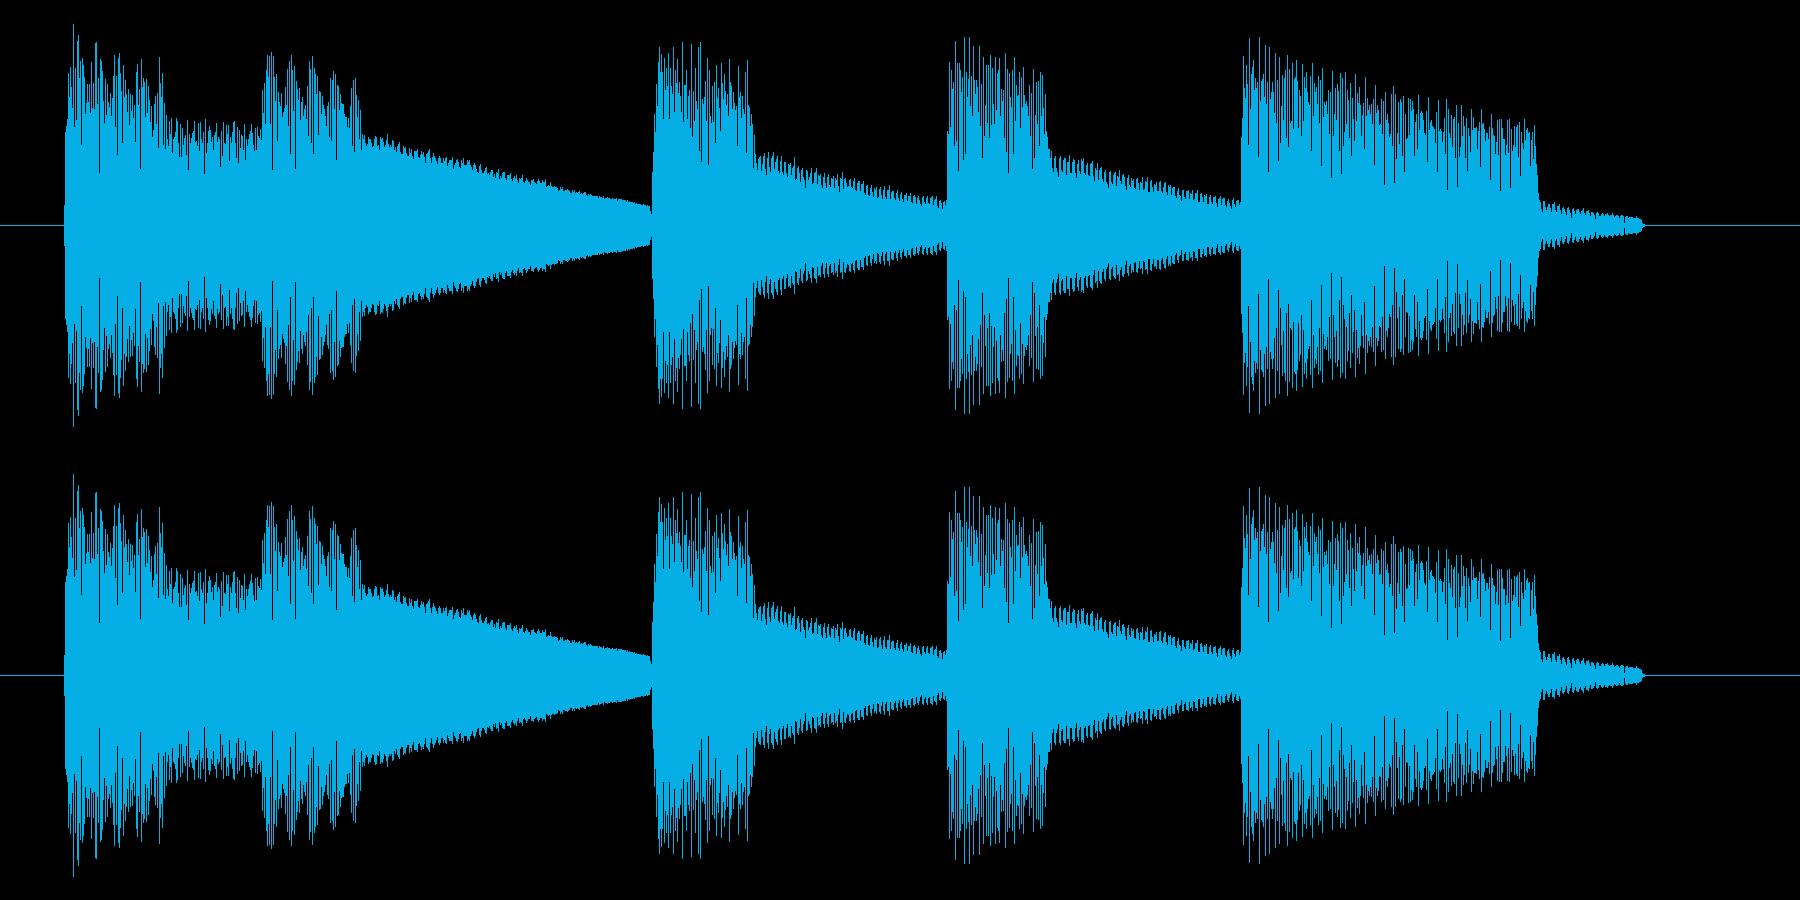 NES 汎用 A03-31(ゲームオーバの再生済みの波形